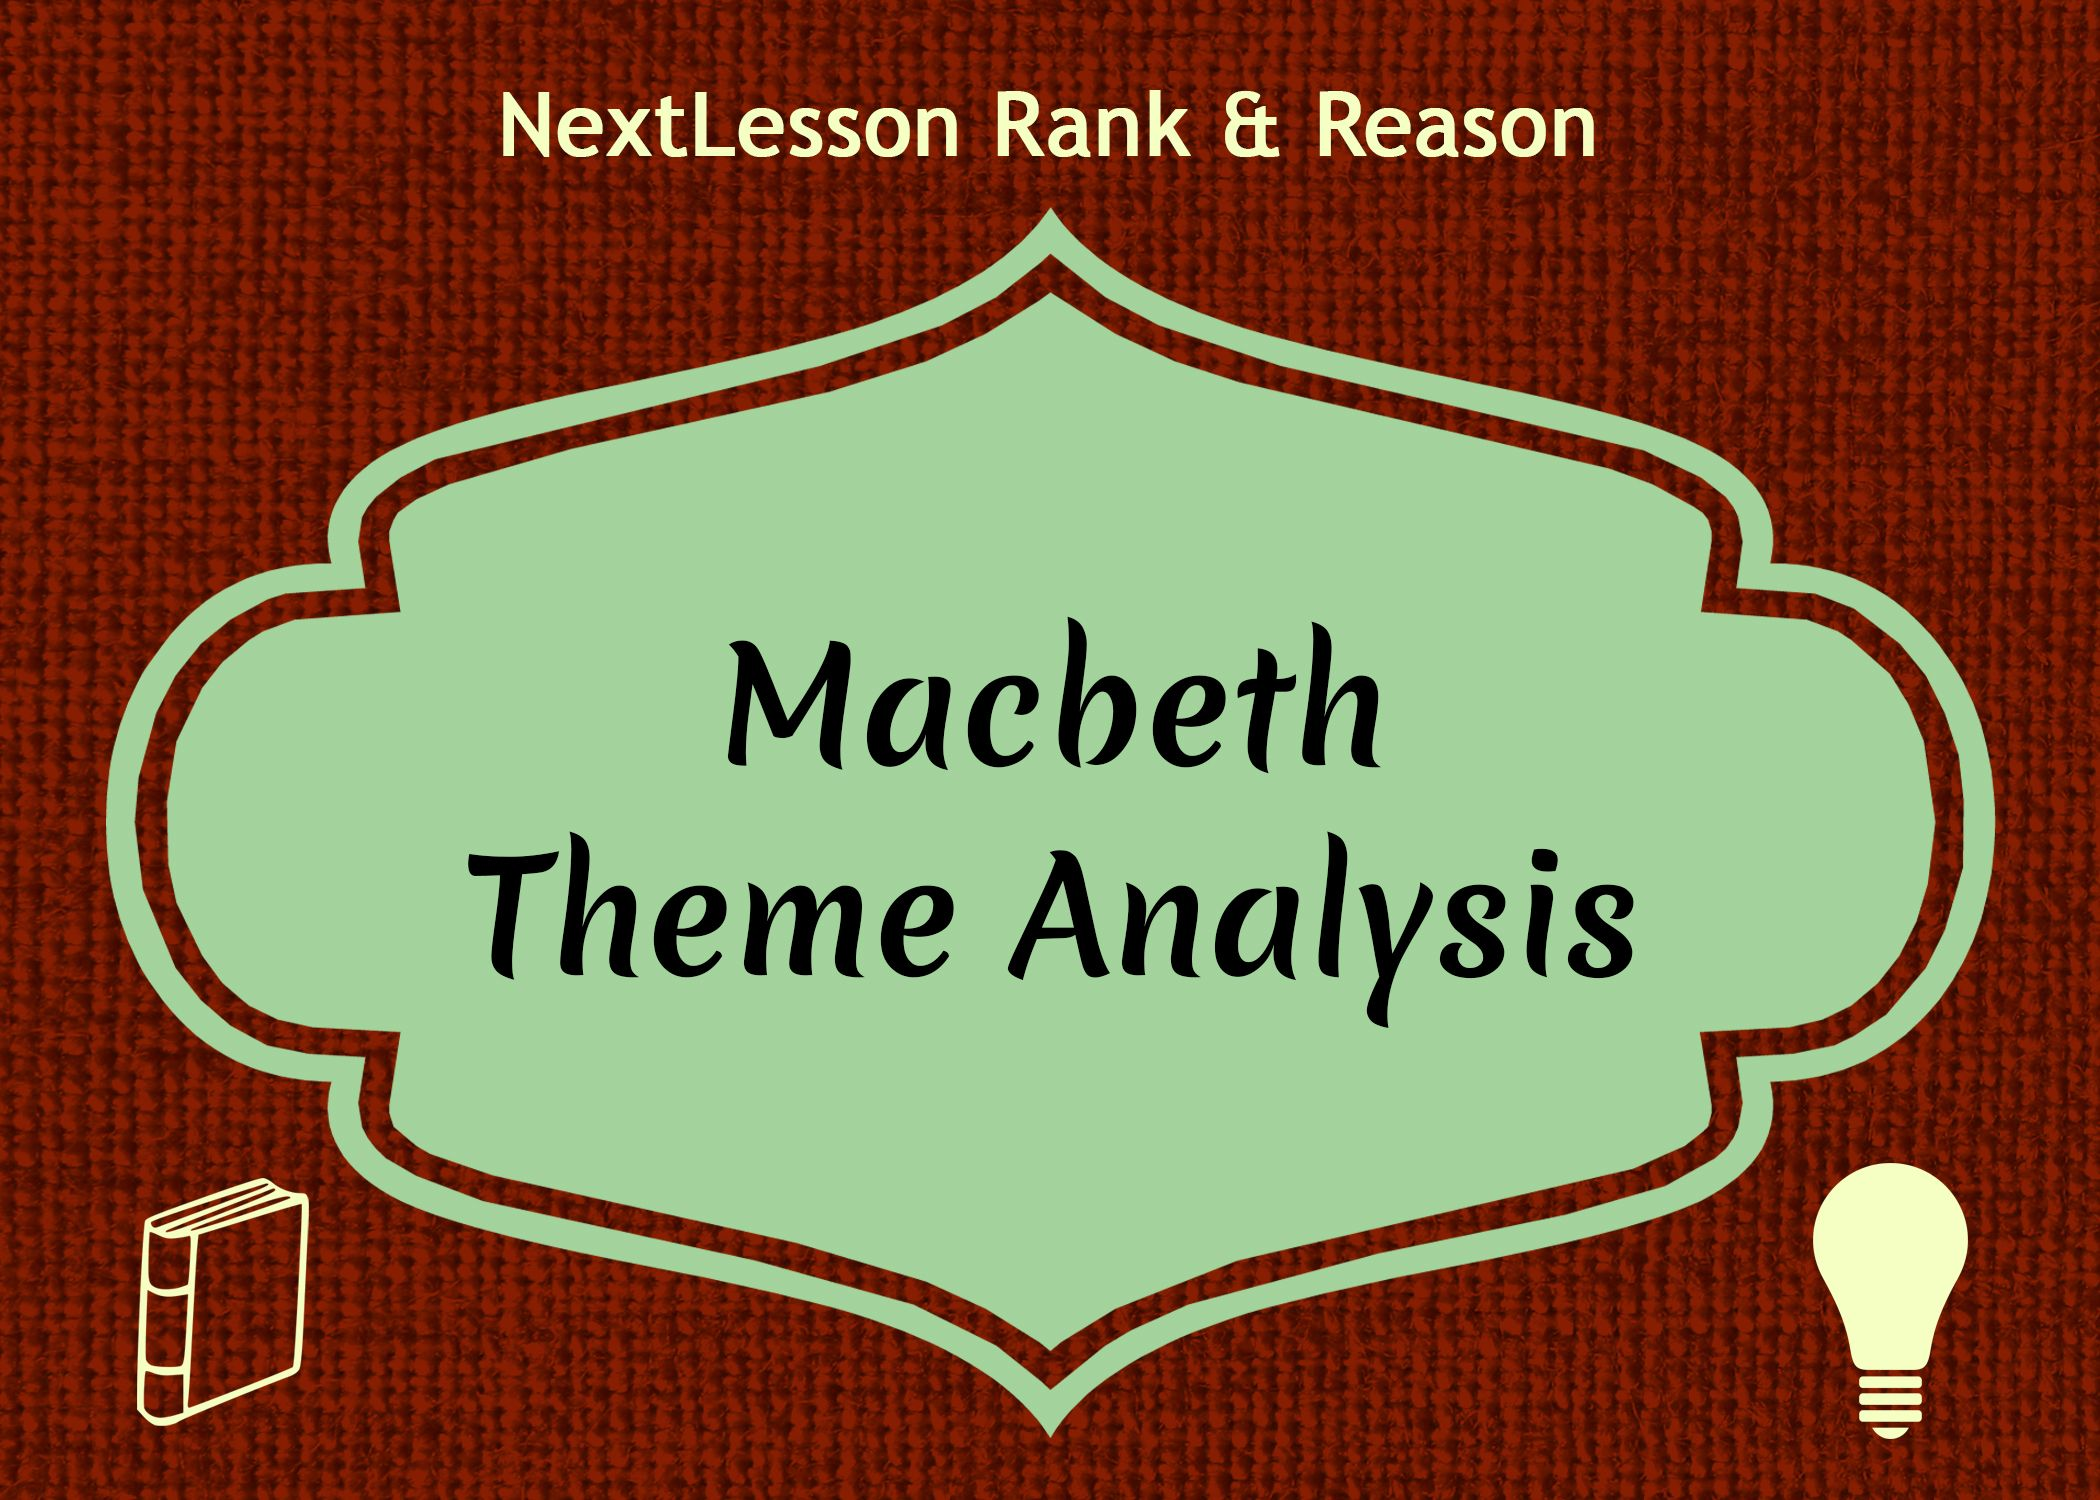 Macbeth Themeysis